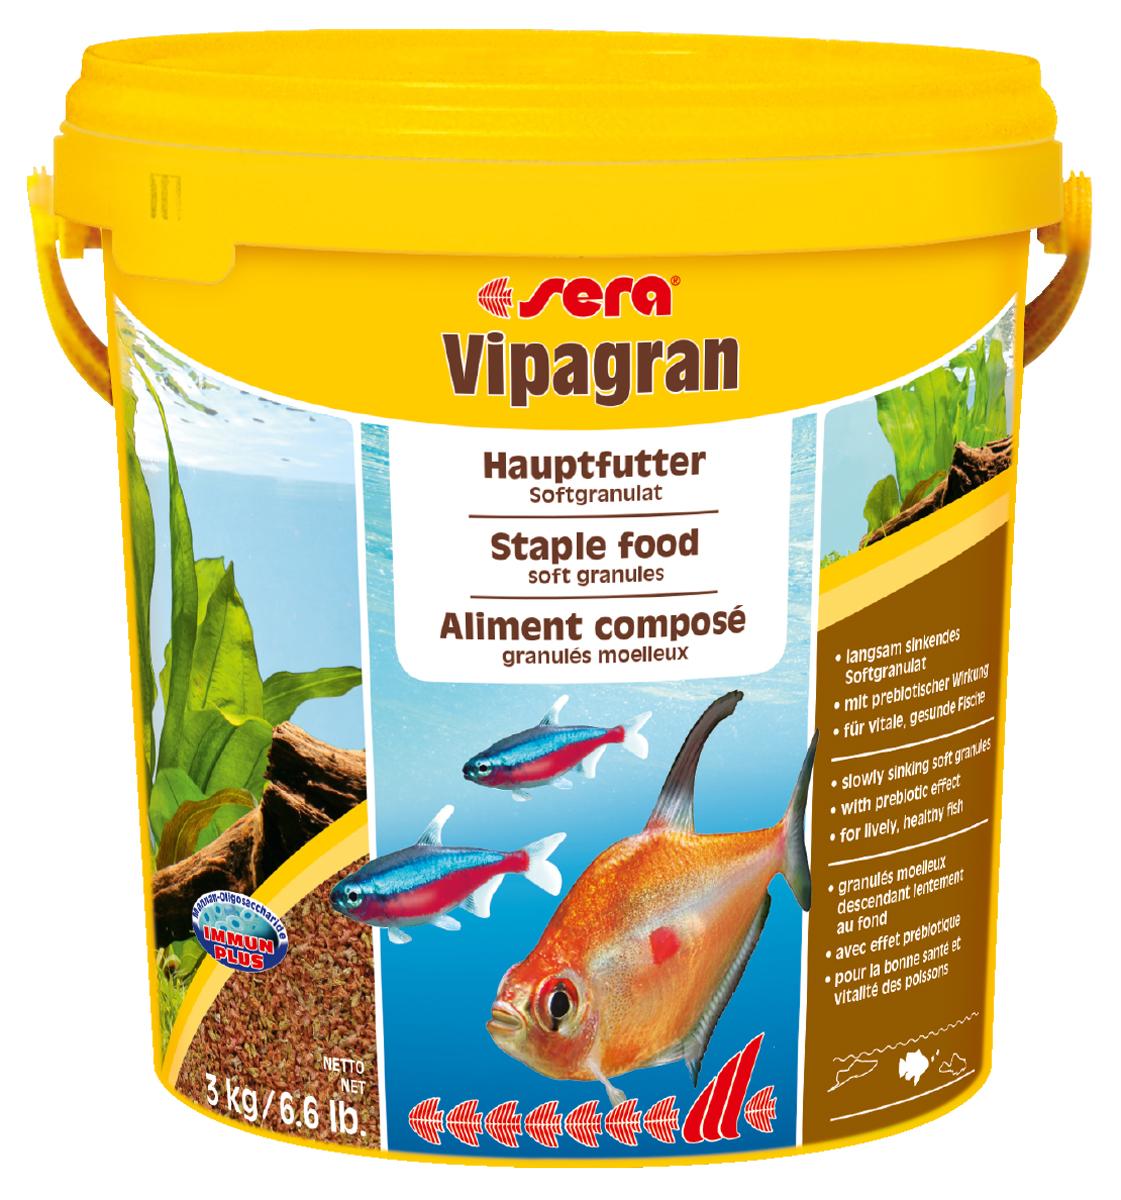 Корм для рыб Sera Vipagran, 10 л (3 кг)0204Корм для рыб Sera Vipagran - основной корм для всех видов рыб, главным образом кормящихся в средних слоях воды. Корм выполнен в виде медленно тонущих мягких гранул. Корм медленно опускается на дно, что позволяет полакомиться всем рыбам и предотвращает излишнее засорение грунта. Благодаря особому процессу обработки гранулы становятся мягкими сразу после попадания в воду и не разбухают в желудке рыб. Благодаря мягкой эластичной структуре частиц этот вкусный сбалансированный корм также подходит для рыб с очень маленьким ртом и узкой глоткой. Они могут откусывать от гранул небольшие кусочки. Тщательно подобранные ингредиенты корма с пребиотическим действием способствуют здоровью и жизнестойкости рыб. Гранулы великолепно усваиваются организмом рыб. Формула Vital-Immun-Protect гарантирует вашим рыбам прекрасное здоровье, укрепление иммунитета и обилие жизненных сил. Ингредиенты: кукурузный крахмал, пшеничная клейковина, рыбная мука, цельный...